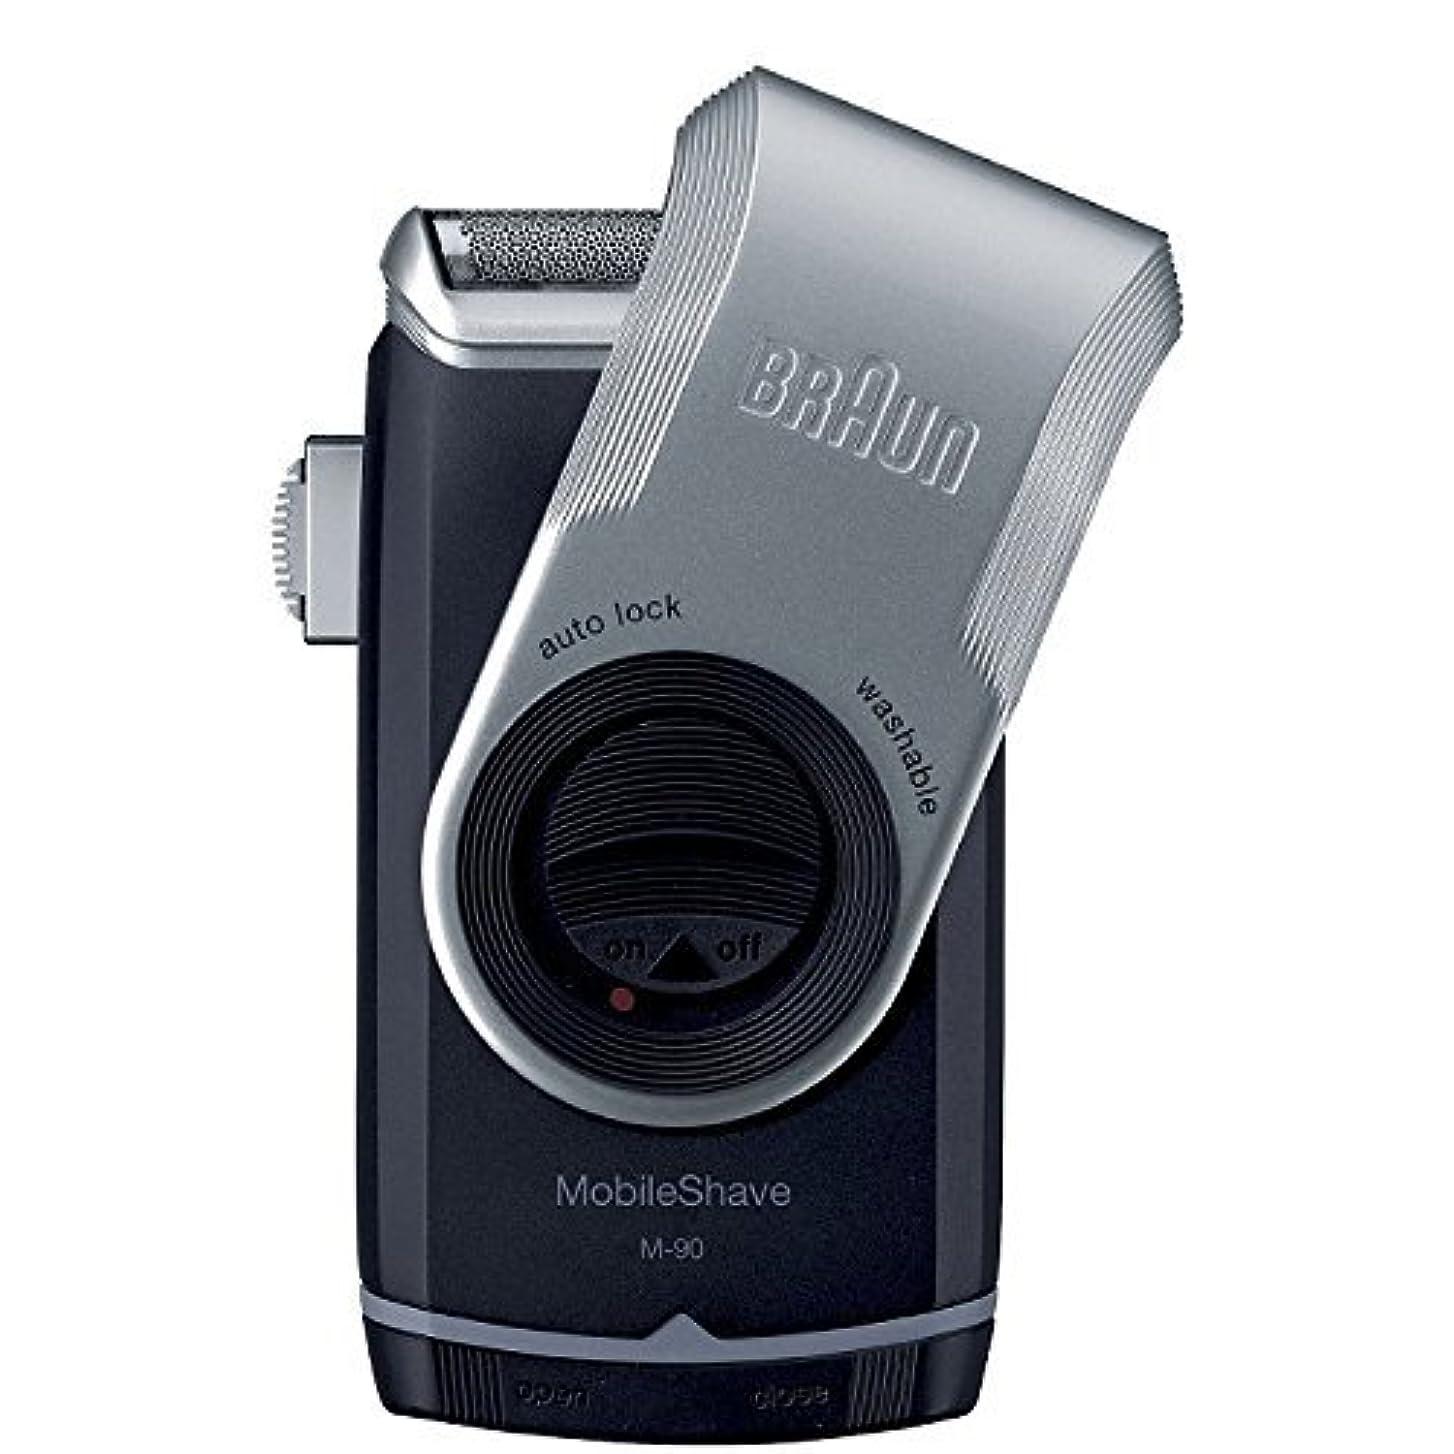 評決実業家オデュッセウスBraun M90 Pocketgo Mobileshave スマートホイルでポータブルシェーバー [並行輸入品]